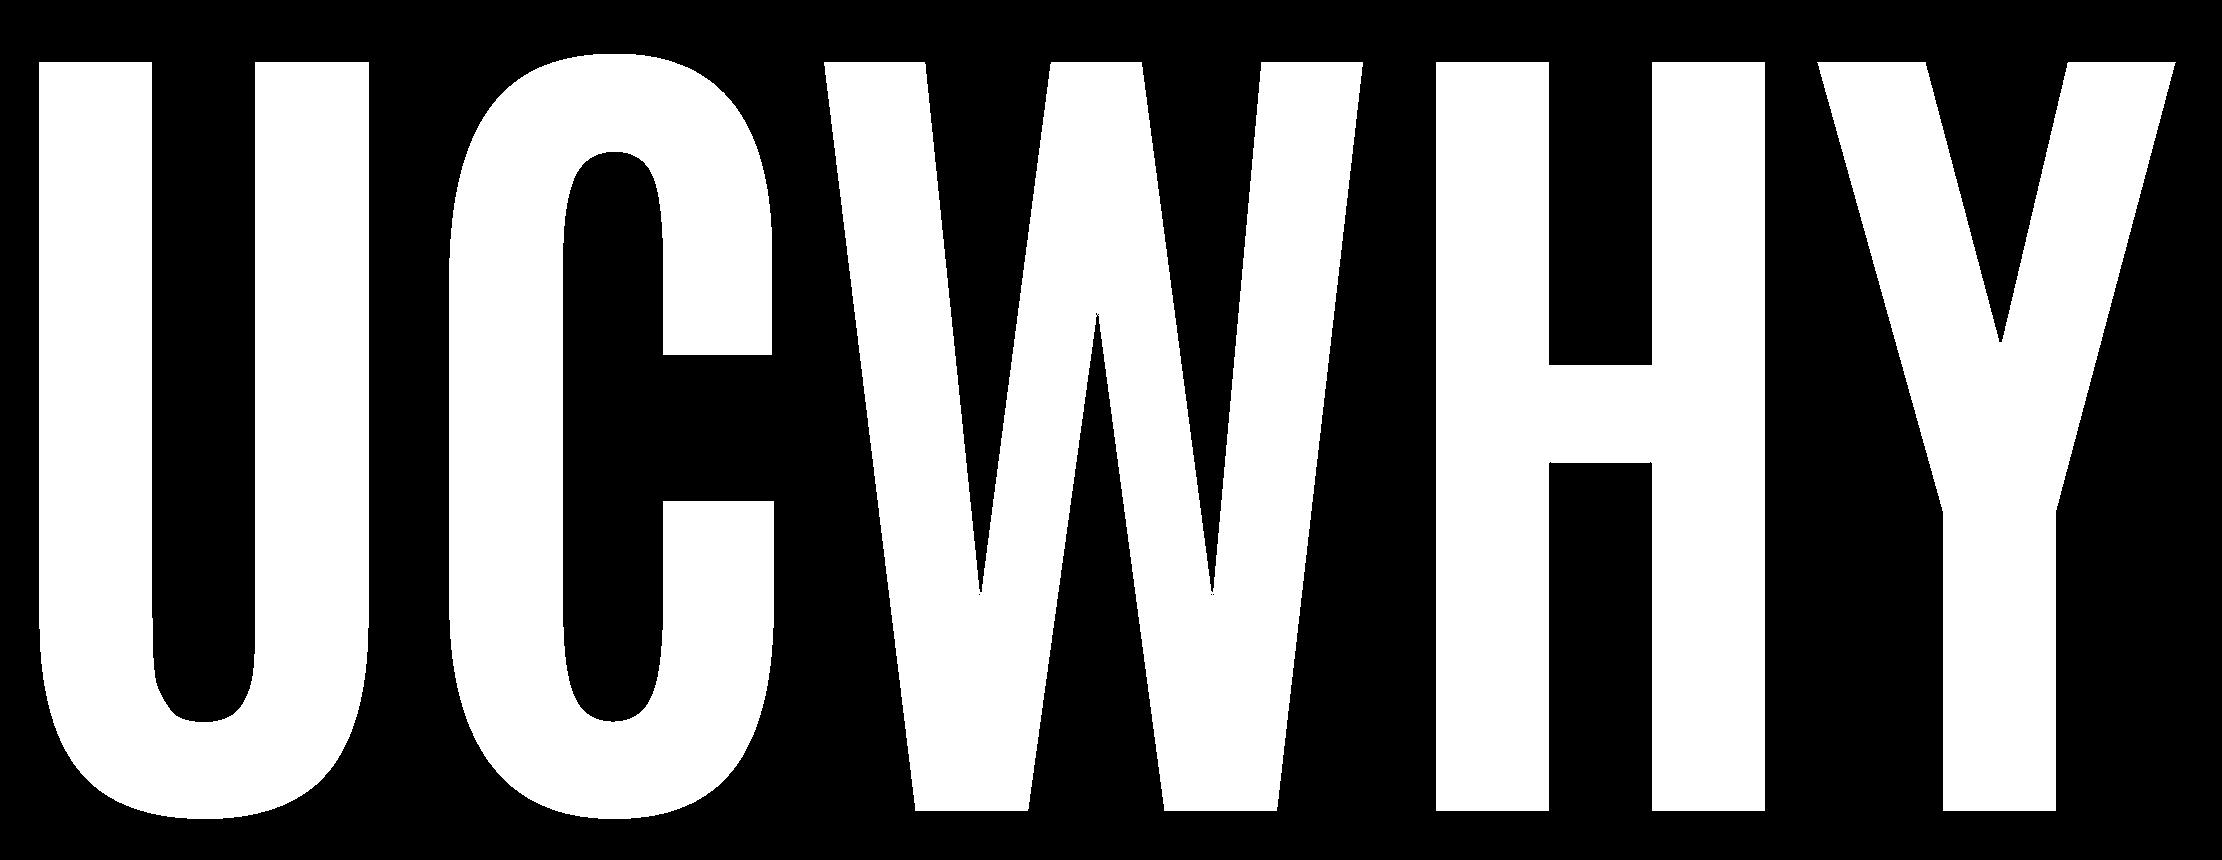 UCHWY_logo.png